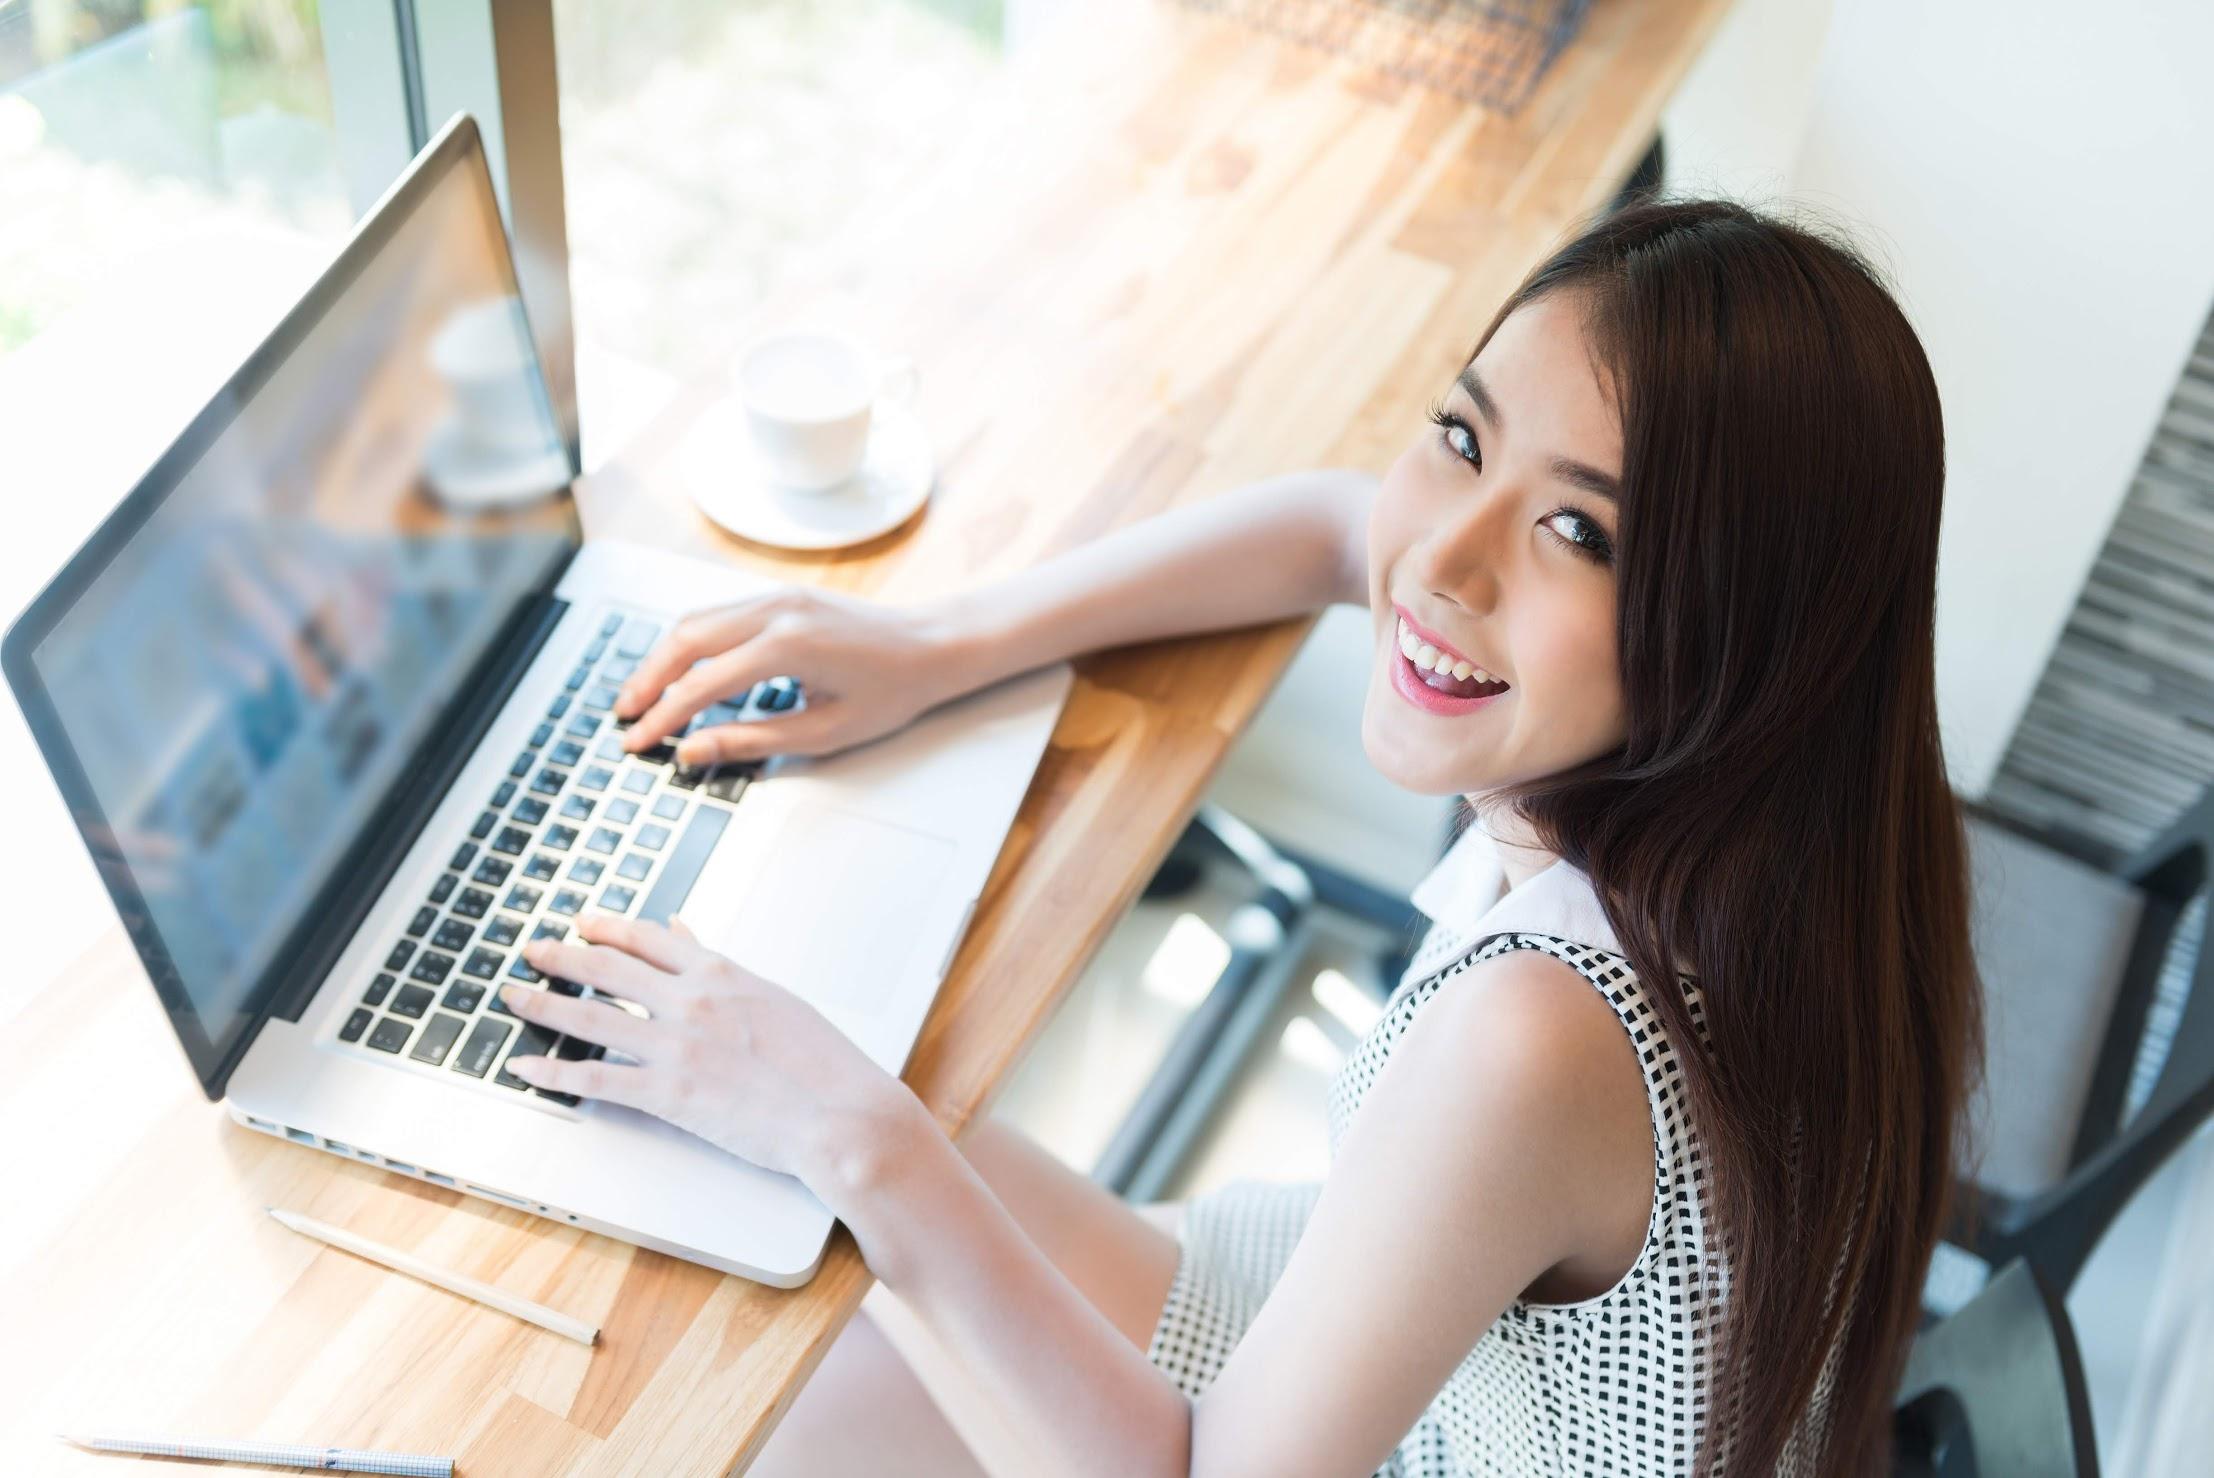 越南簽證費用2021 「電子簽證、落地簽證、緊急簽證;商務簽證、旅遊簽證」